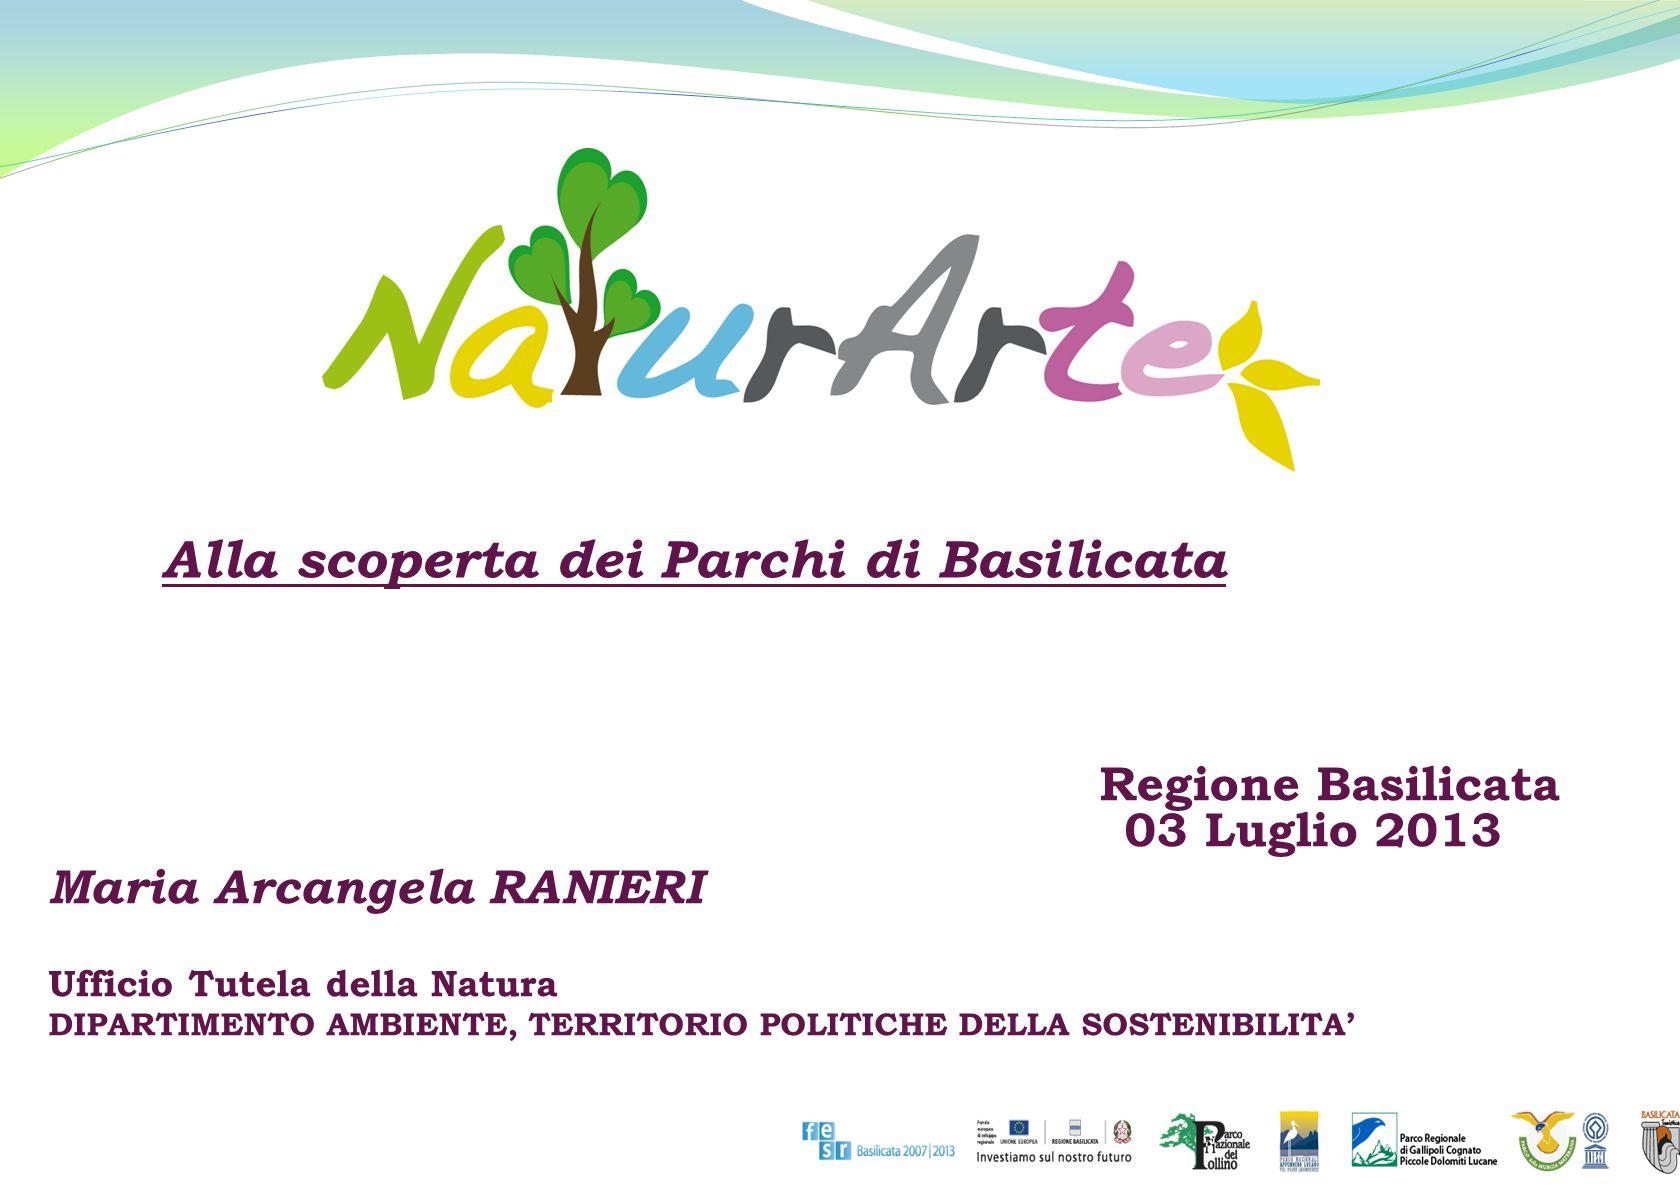 Alla scoperta dei Parchi di Basilicata Regione Basilicata 03 Luglio 2013 Maria Arcangela RANIERI Ufficio Tutela della Natura DIPARTIMENTO AMBIENTE, TE